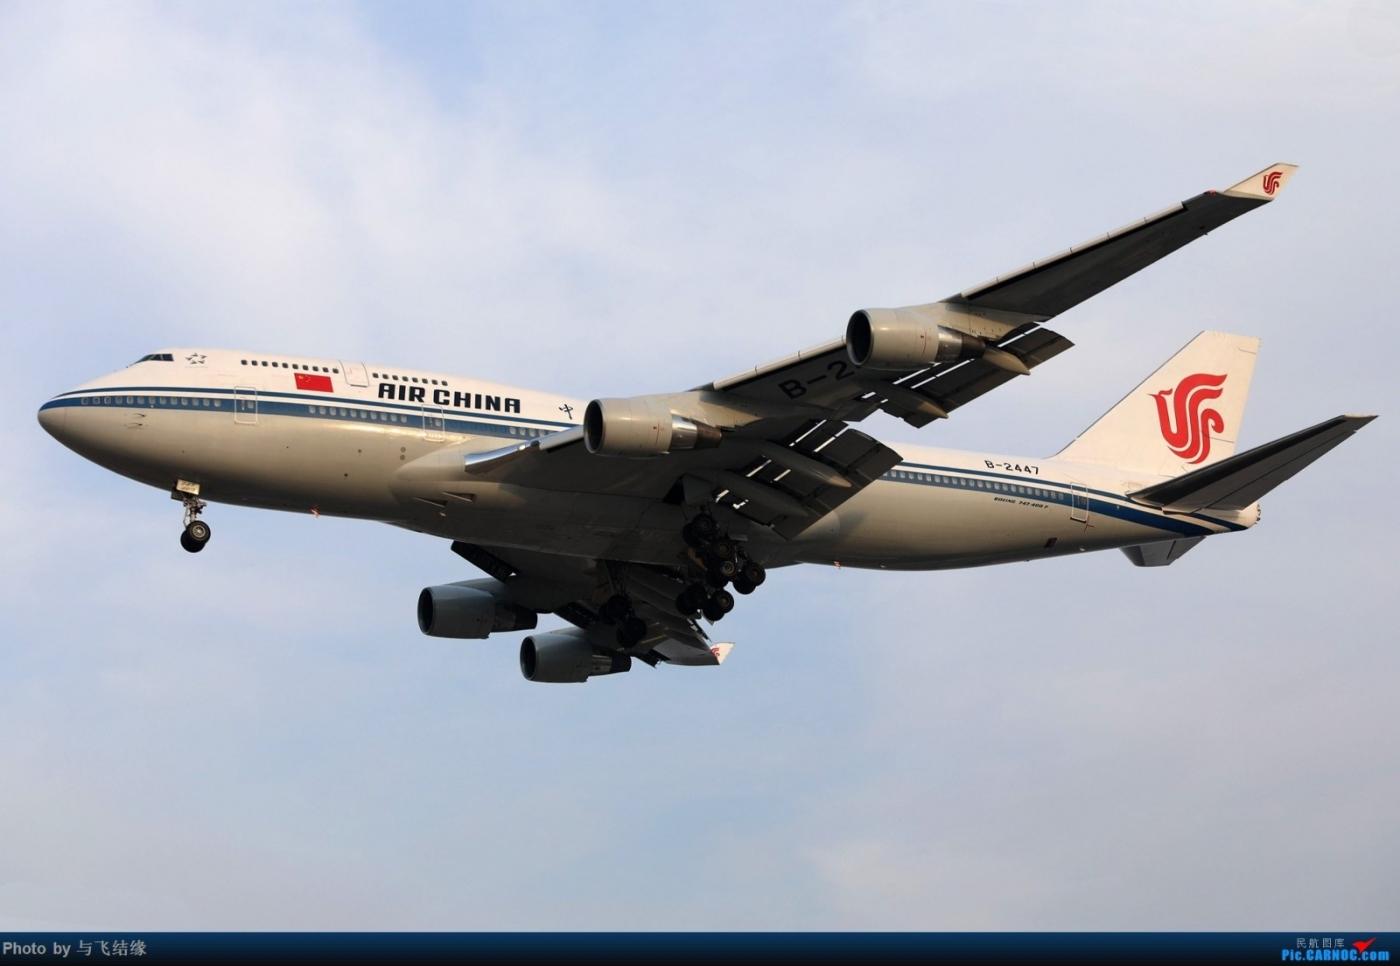 金正恩已搭乘中国领导人专机的备用机 编号 B-2447 的波音747,从平壤起飞前往新加坡。 ..._图1-1